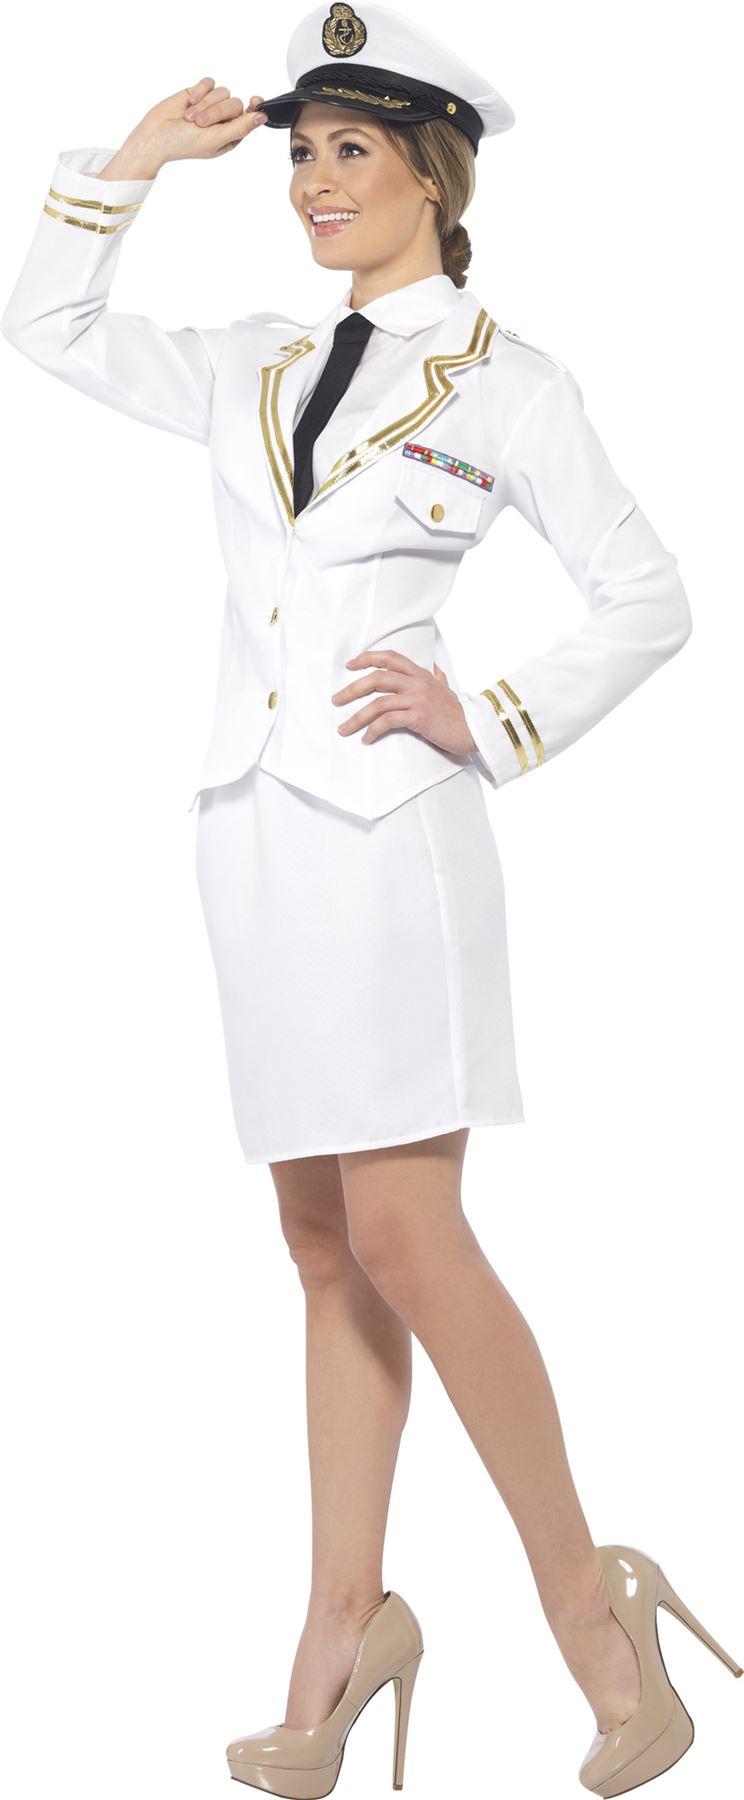 539453524 Blanco traje de oficial Naval militar marina marinero disfraz. haga clic en  la imagen para ampliarla